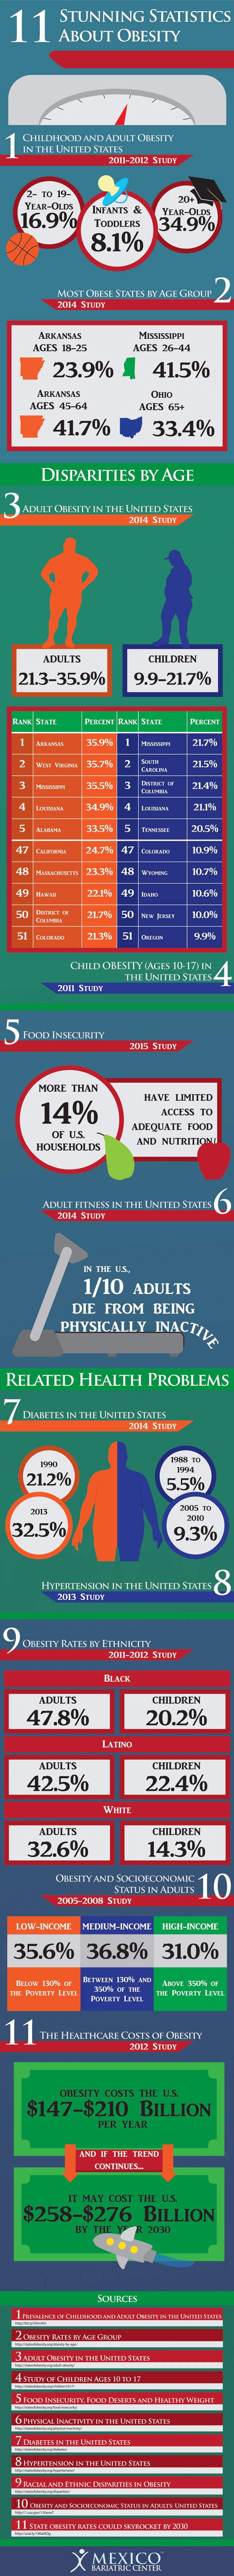 obesity-infographic